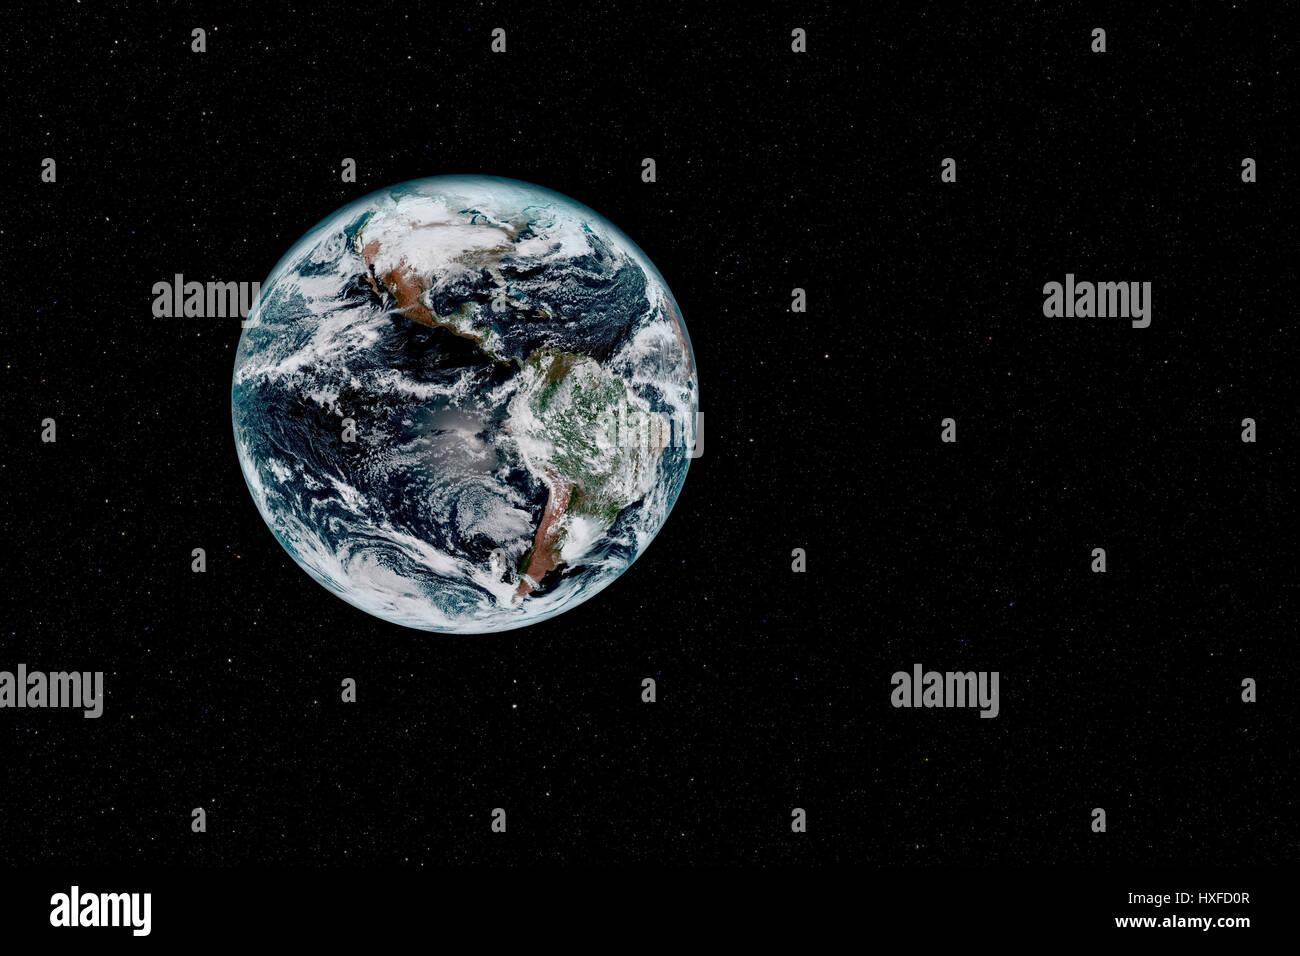 La planète Terre contre Composit Starfield Photo Stock